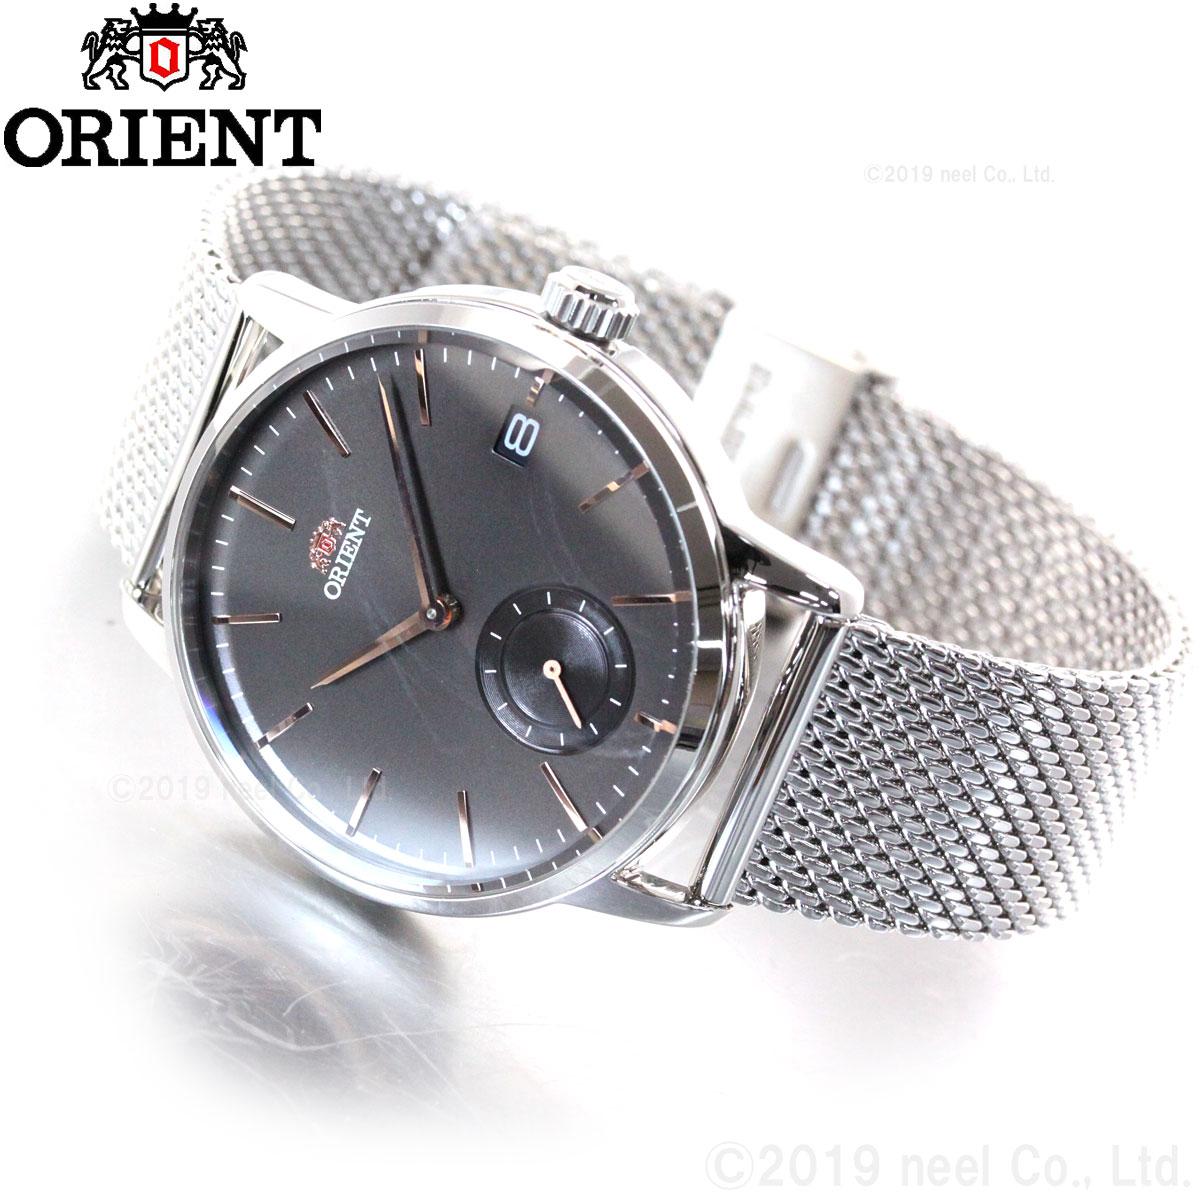 オリエント 腕時計 メンズ クオーツ ORIENT コンテンポラリー CONTEMPORARY RN-SP0005N